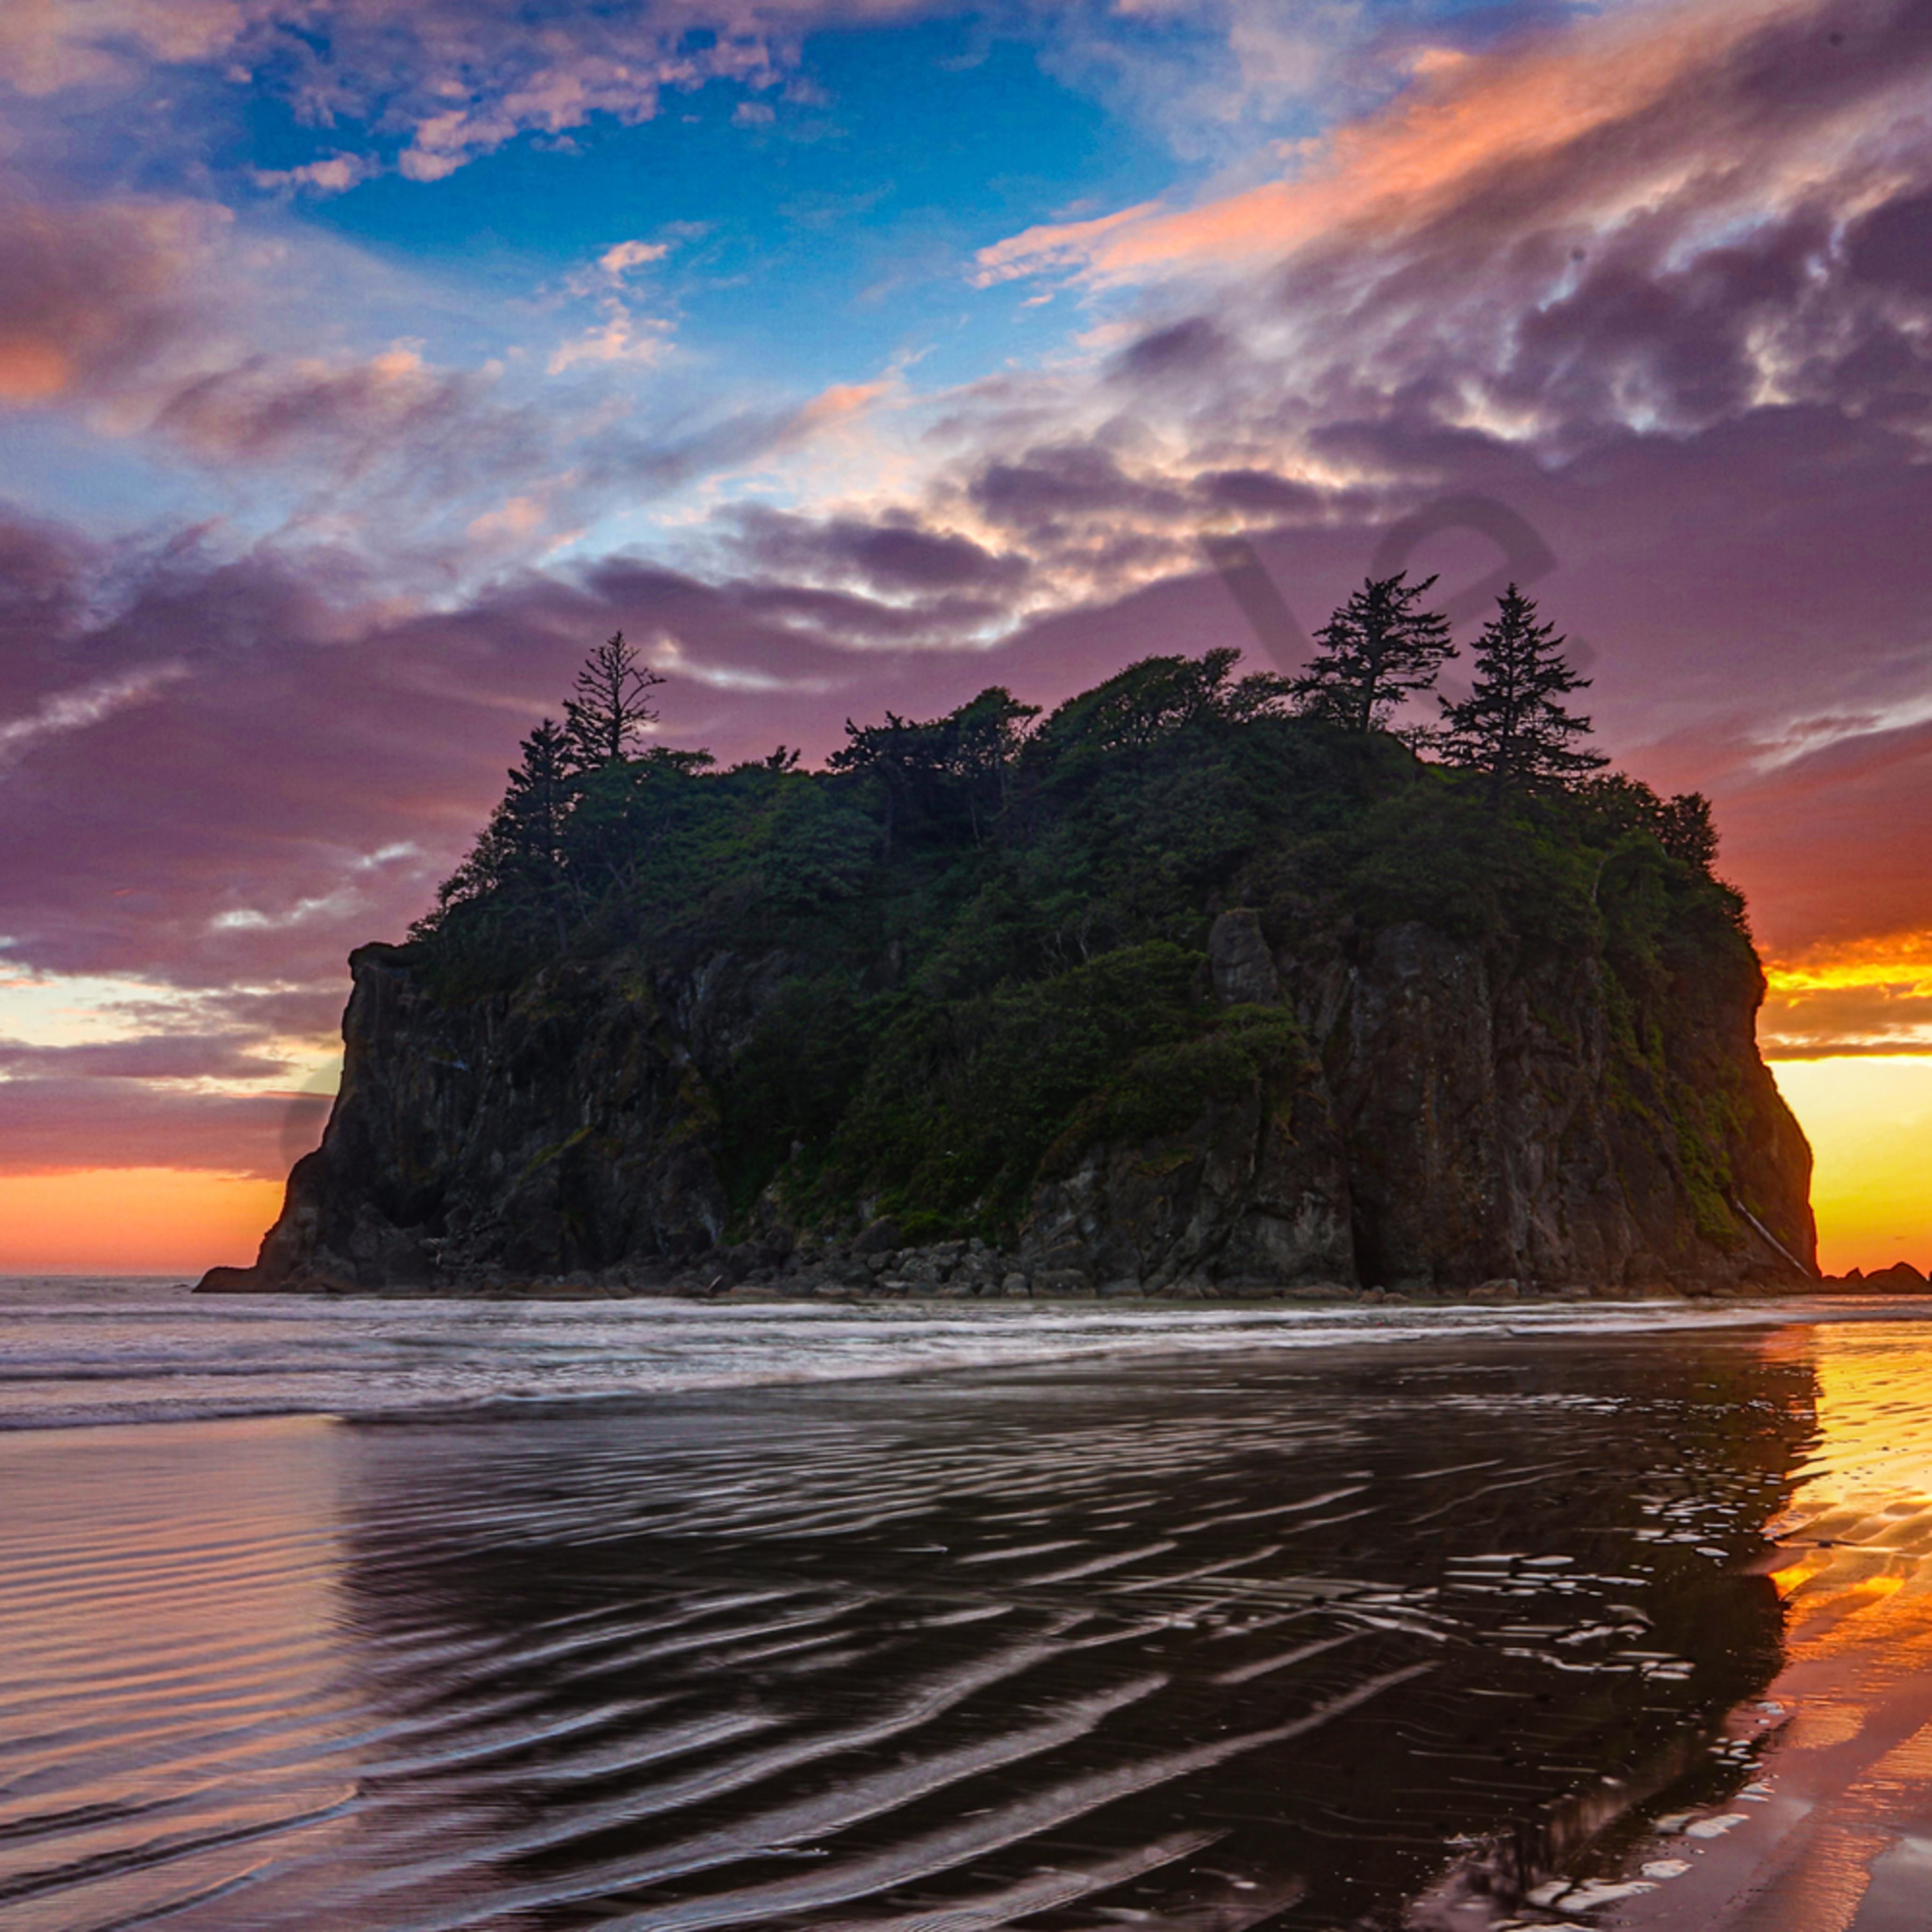 Pnw ruby beach sunset 4 sshhgz